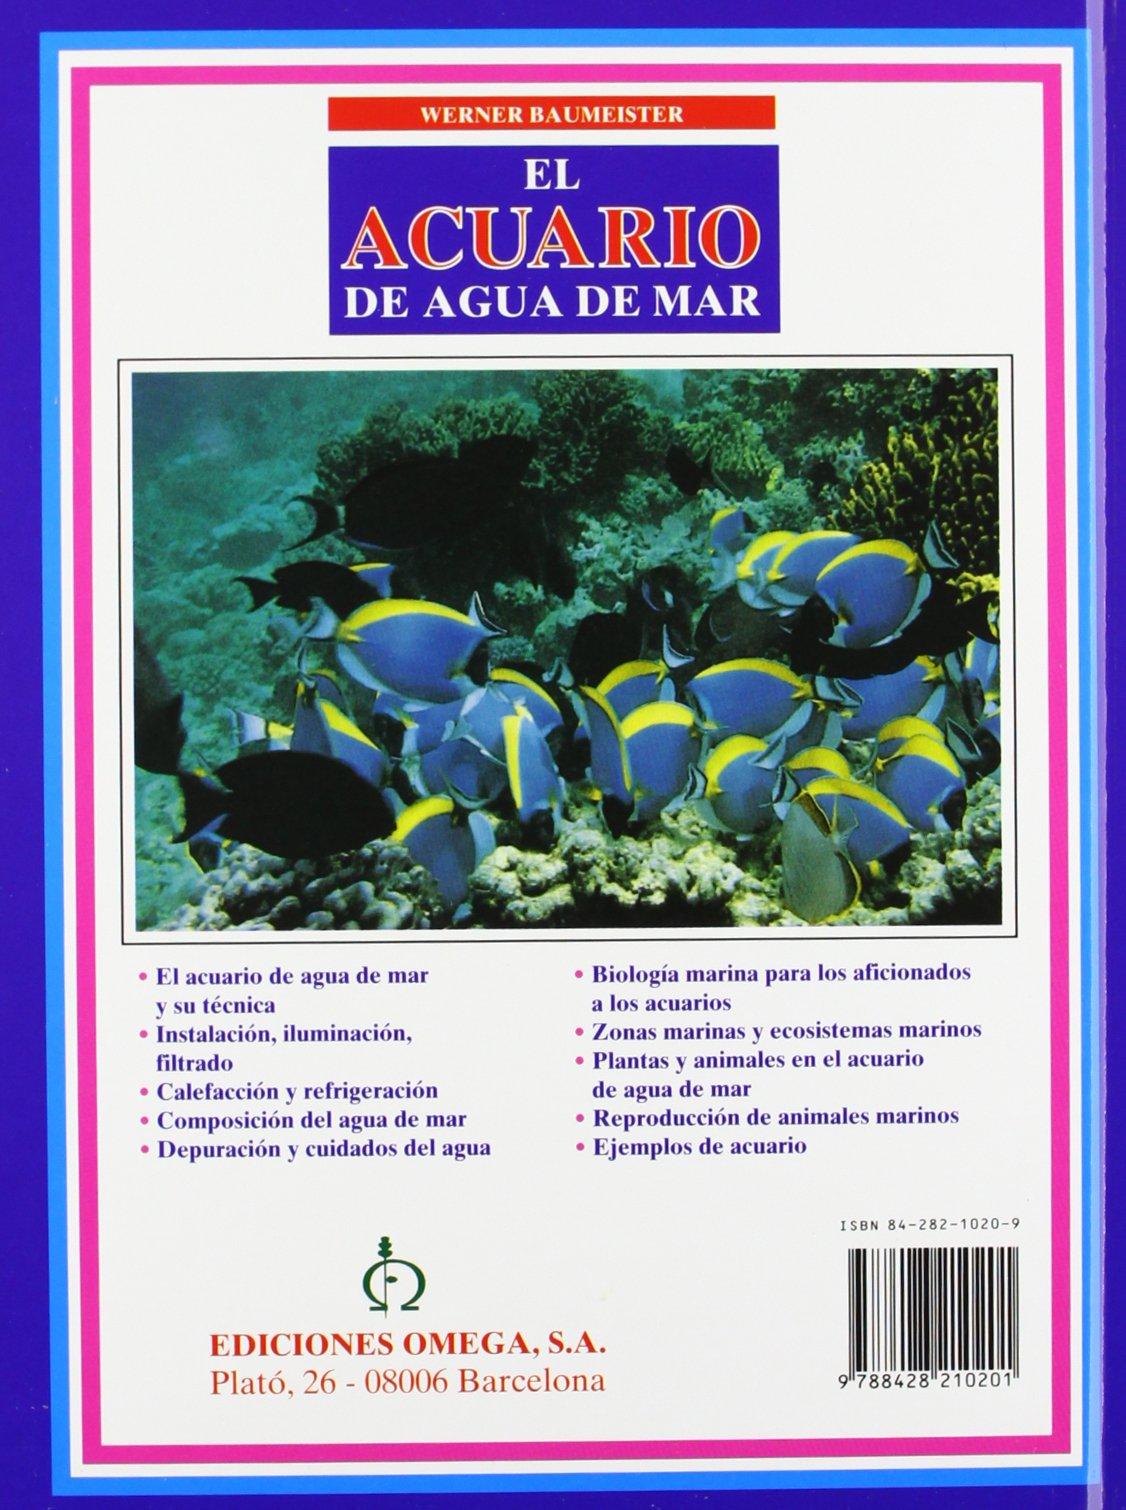 EL ACUARIO DE AGUA DEL MAR GUIAS DEL NATURALISTA-PECES-MOLUSCOS-BIOLOGIA MARINA: Amazon.es: Werner Baumeister: Libros